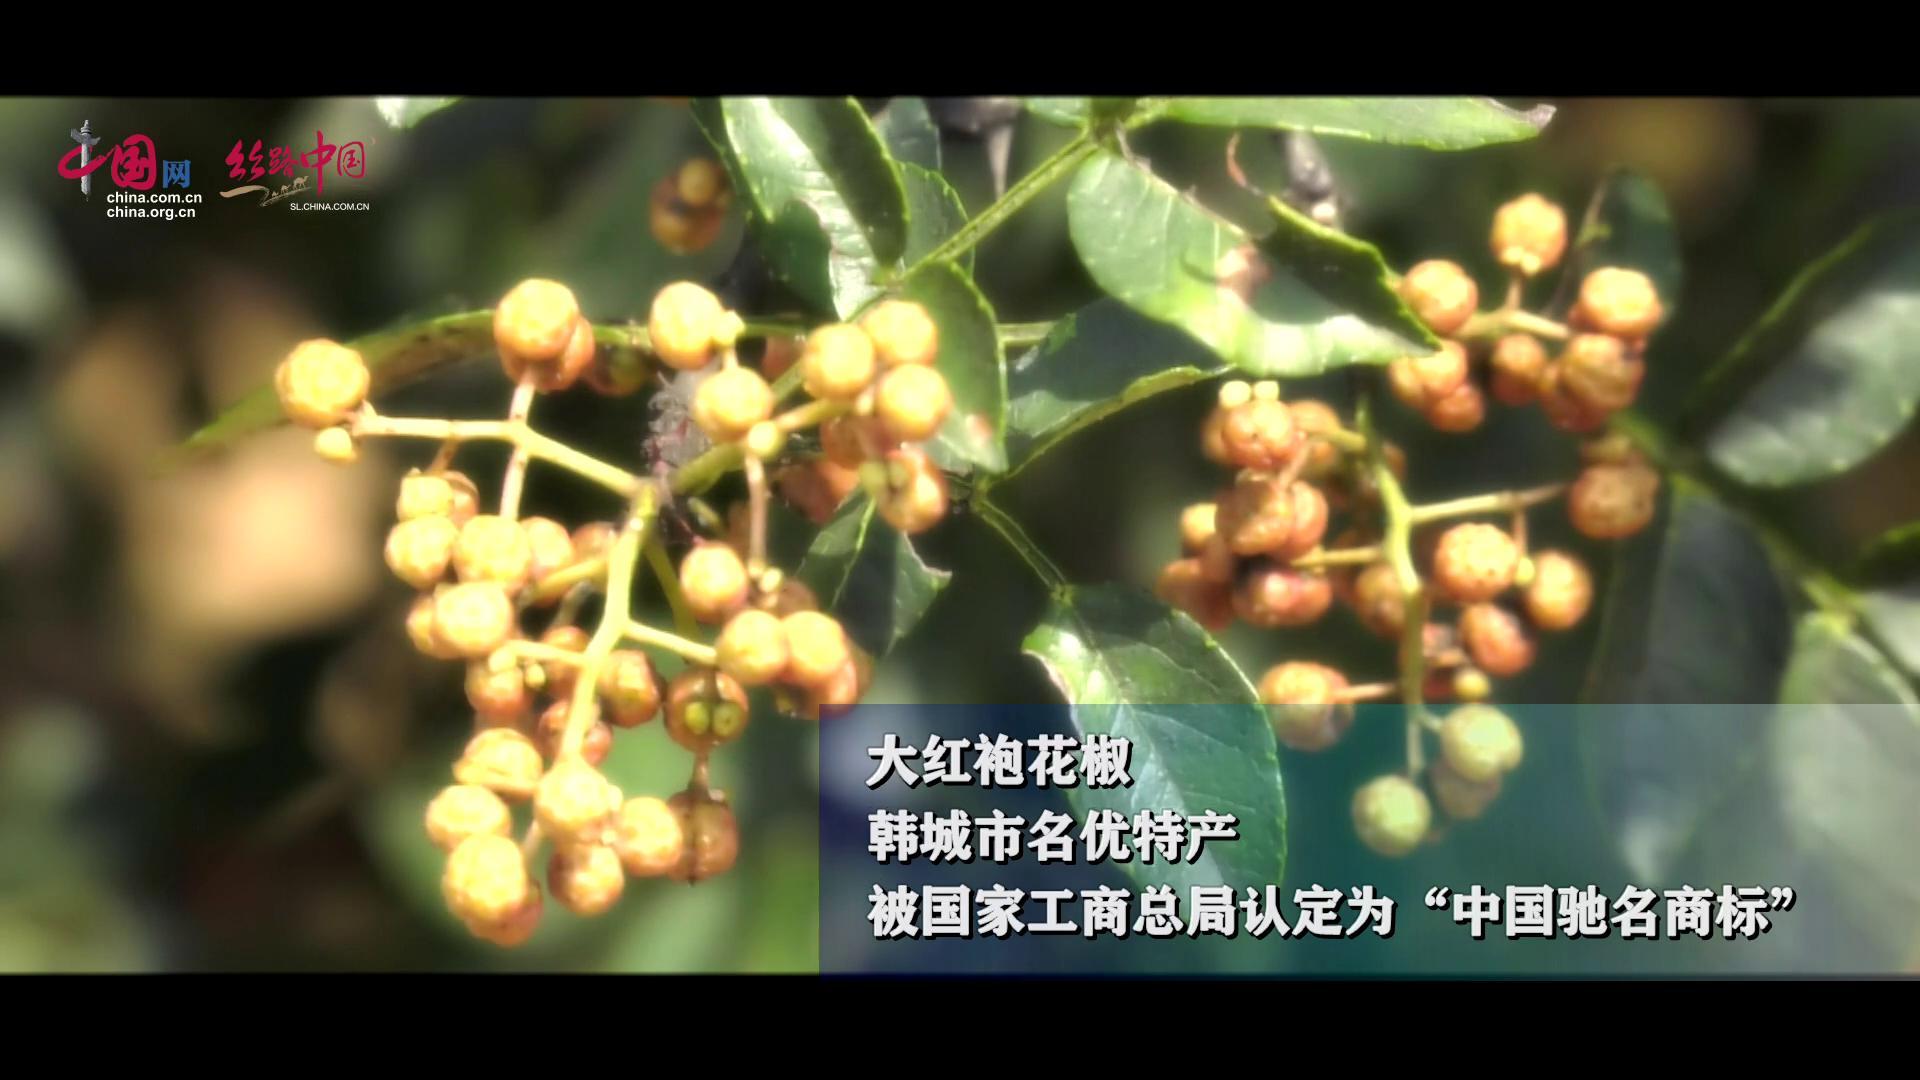 韩城:八月 椒园飘香